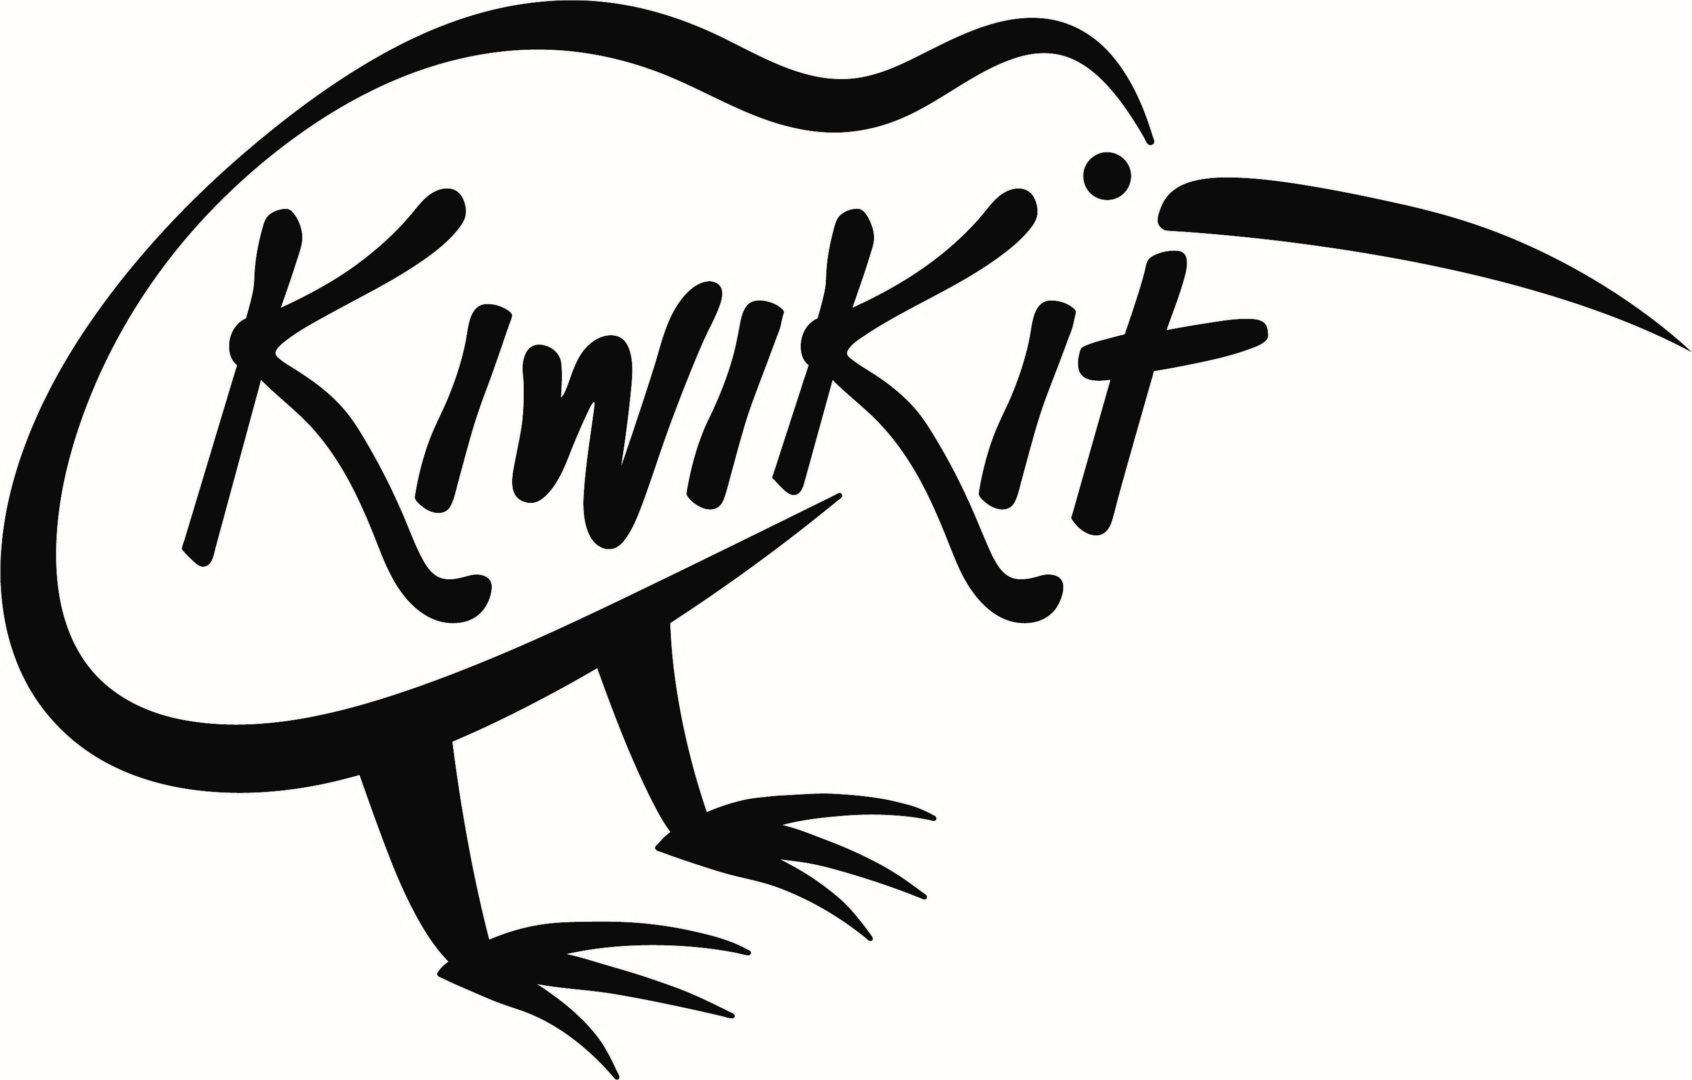 KiwiKit